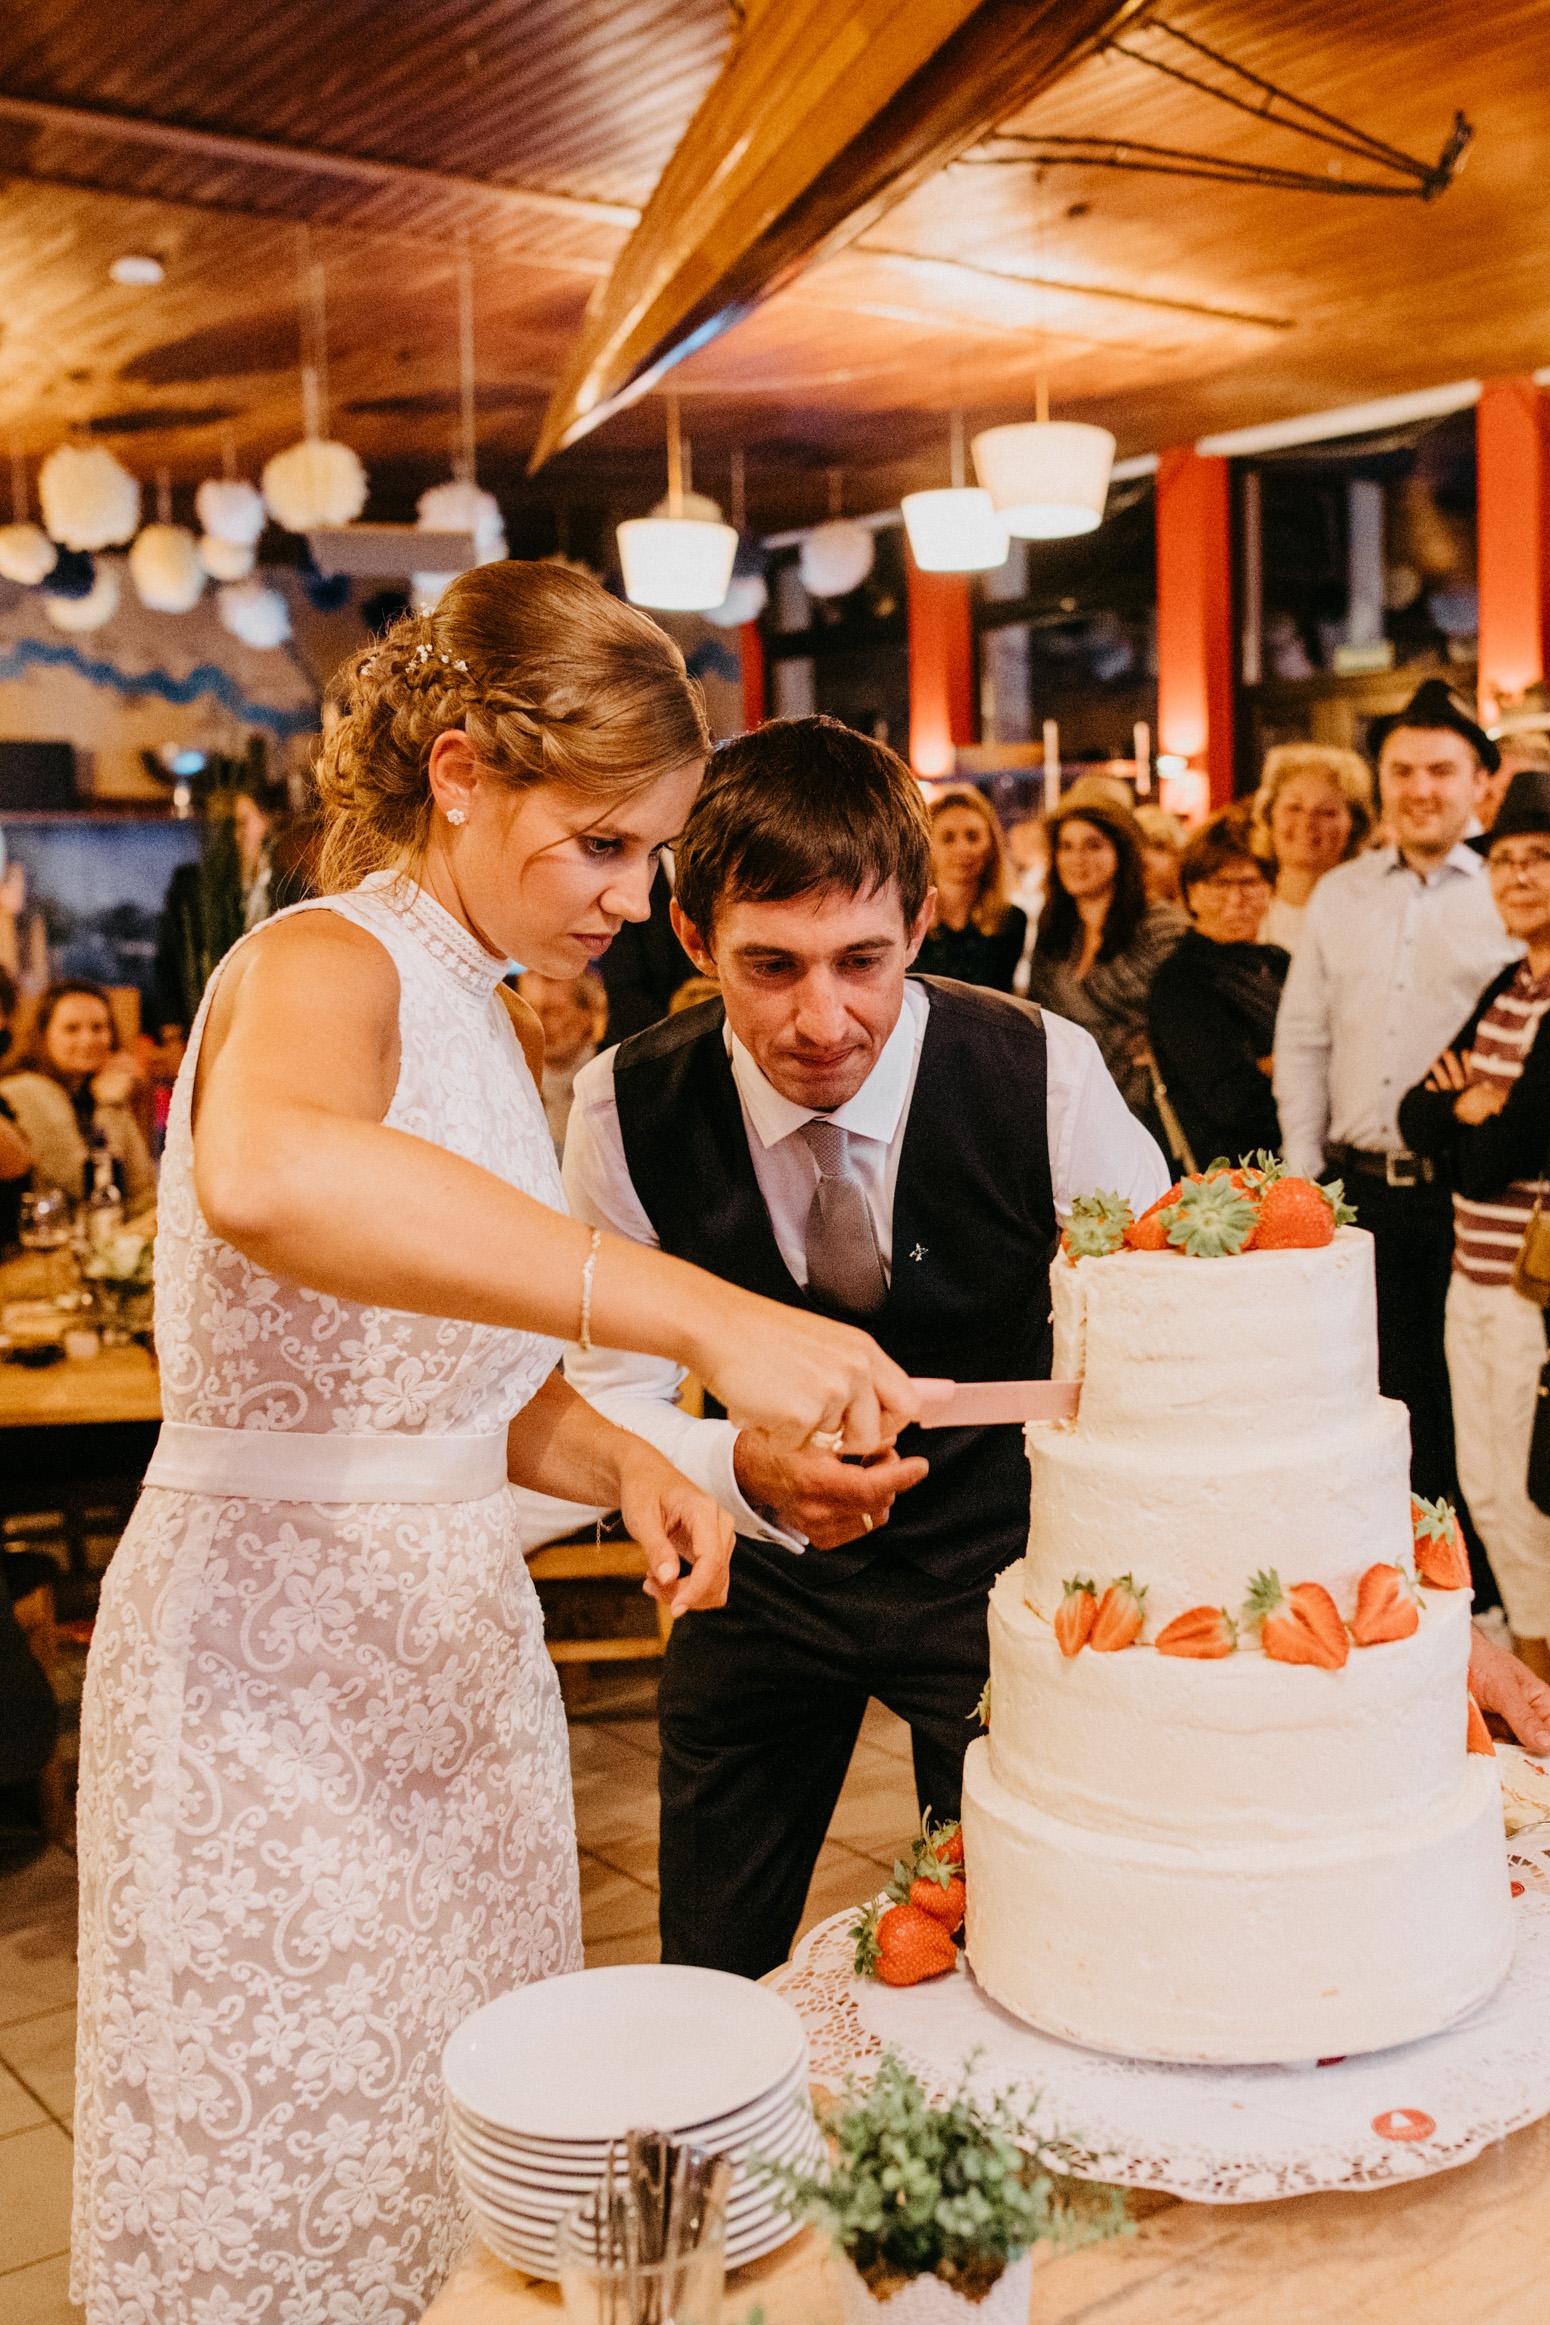 Hochzeit in der R-Lodge in Bad Honnef, fotografiert von der Hochzeitsfotografin Daria Becker von Genuine Bonds